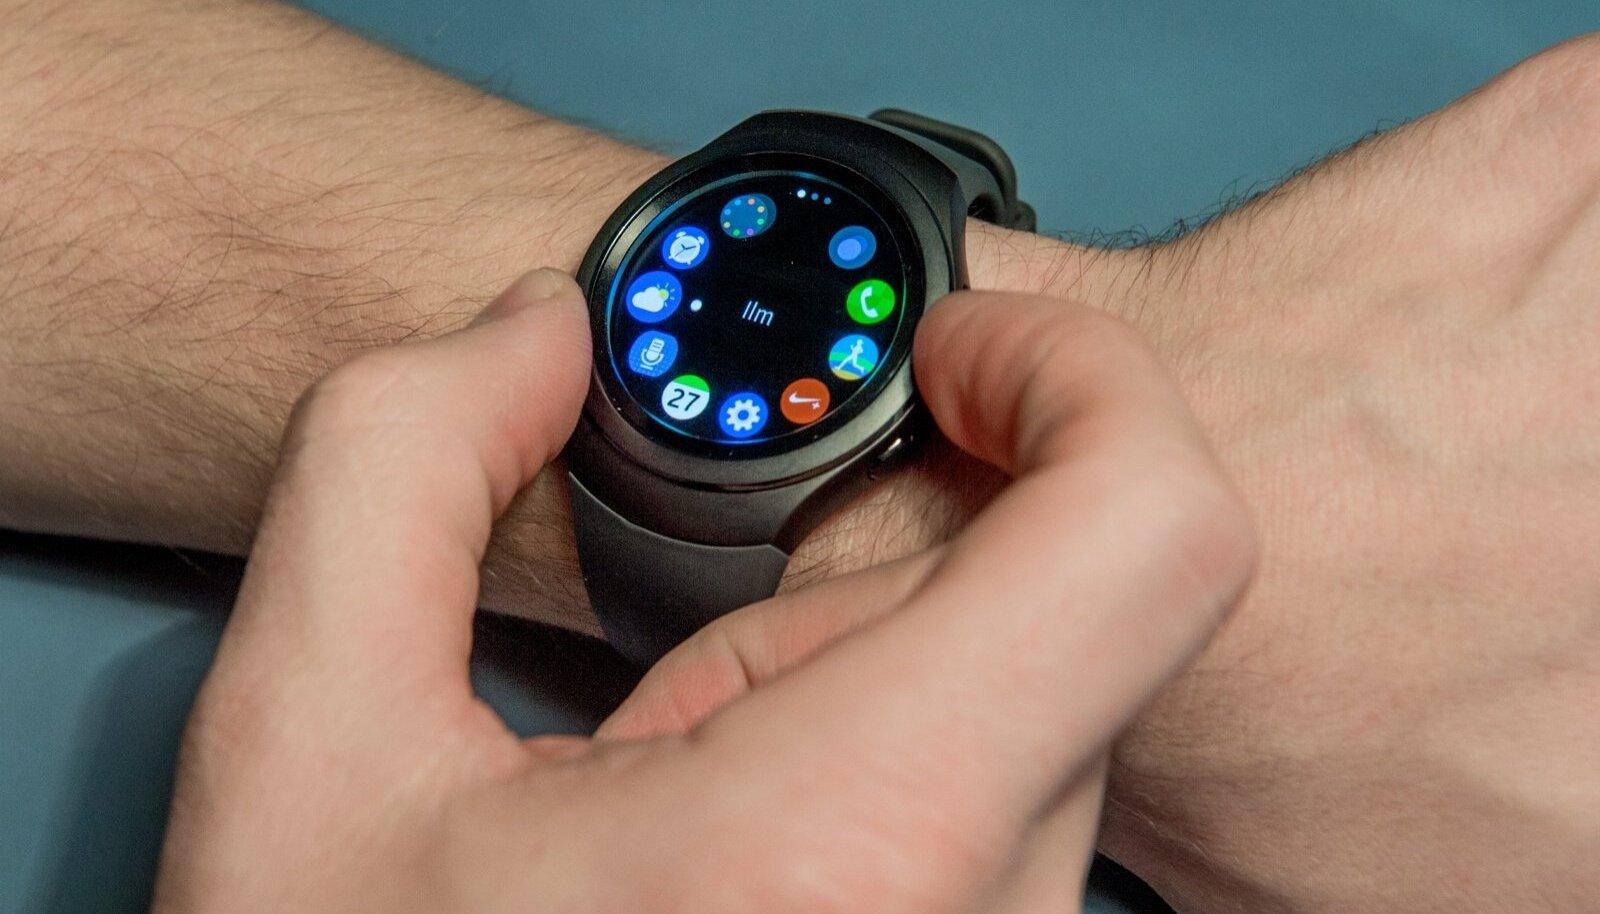 Nutikell Samsung Gear S2